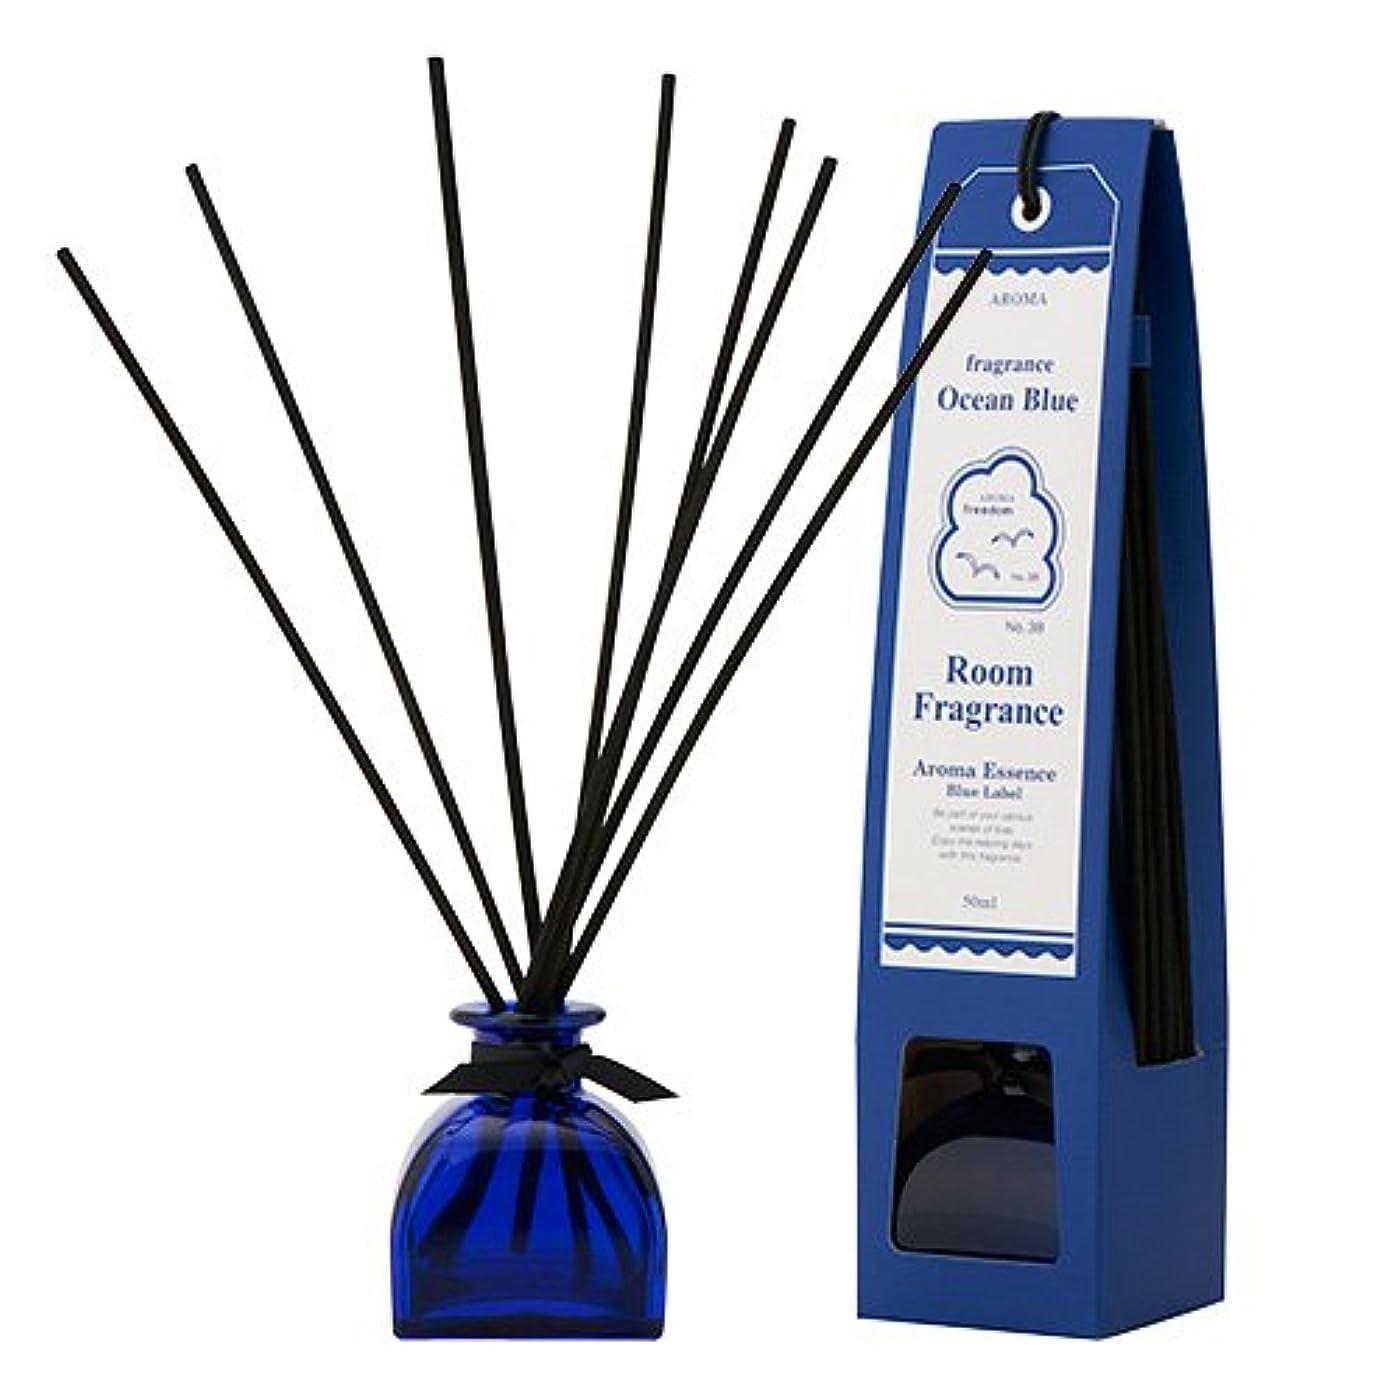 恩赦鉛筆プログラムブルーラベル ルームフレグランス オーシャンブルー 50ml(芳香剤 リードディフューザー 海の爽快さを思い出させる香り)